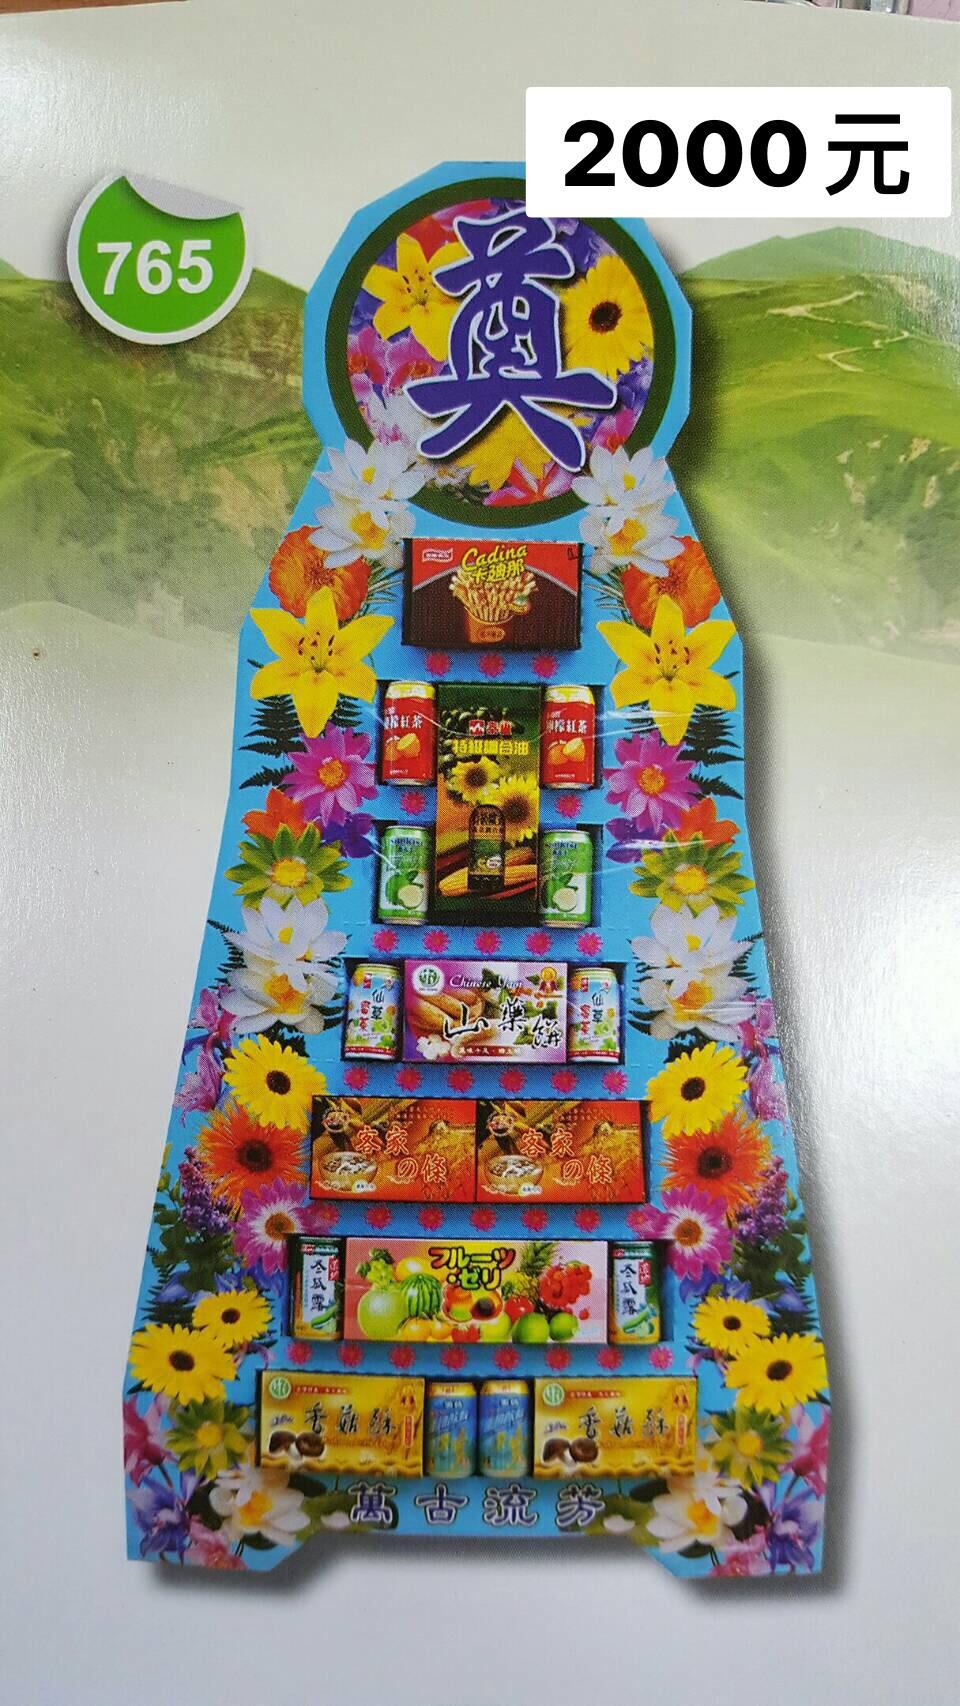 罐頭塔-765七層(